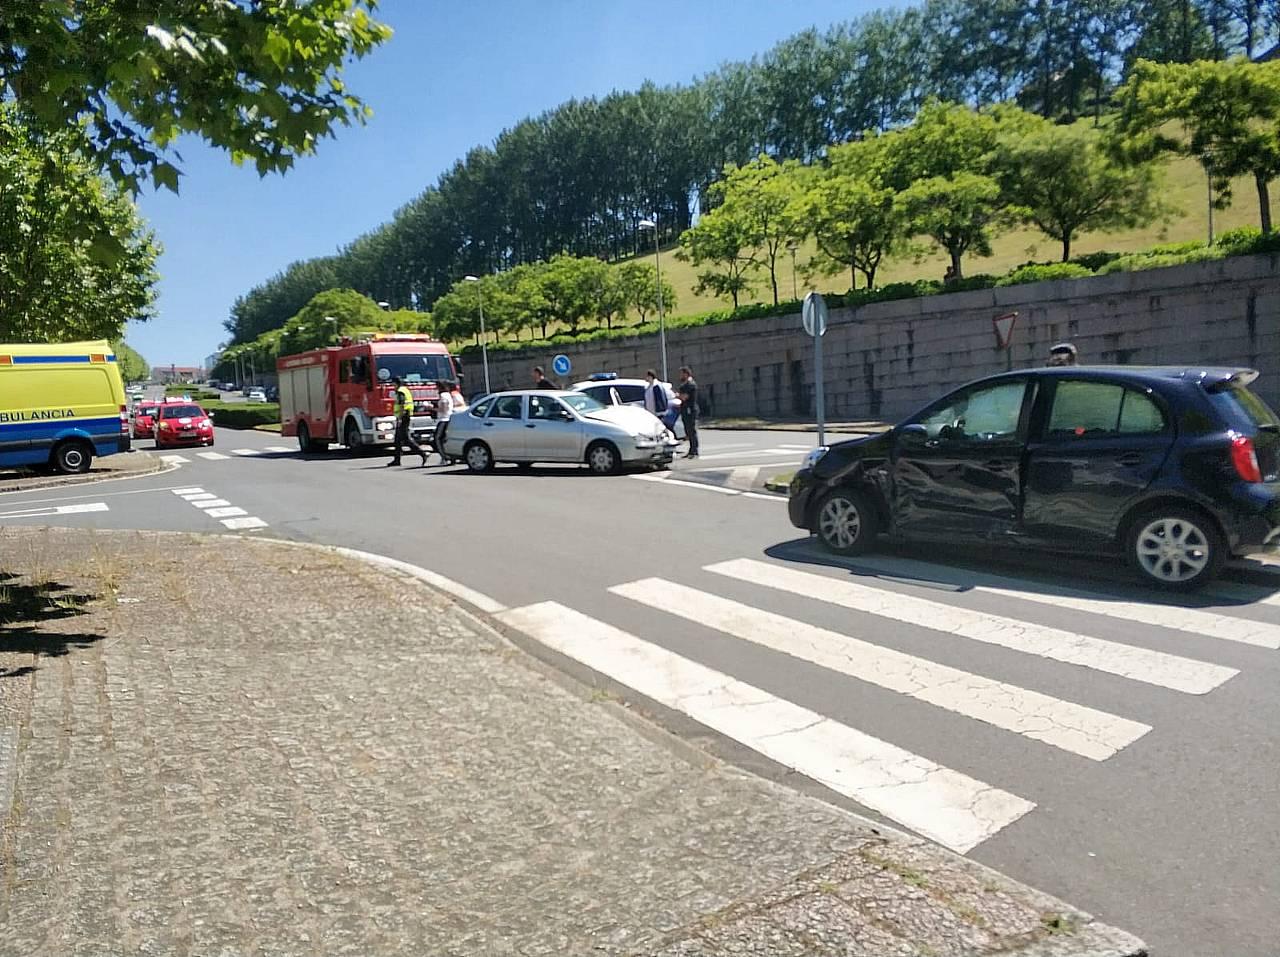 Imagen del escenario del choque y los coches implicados - FOTO: ECG